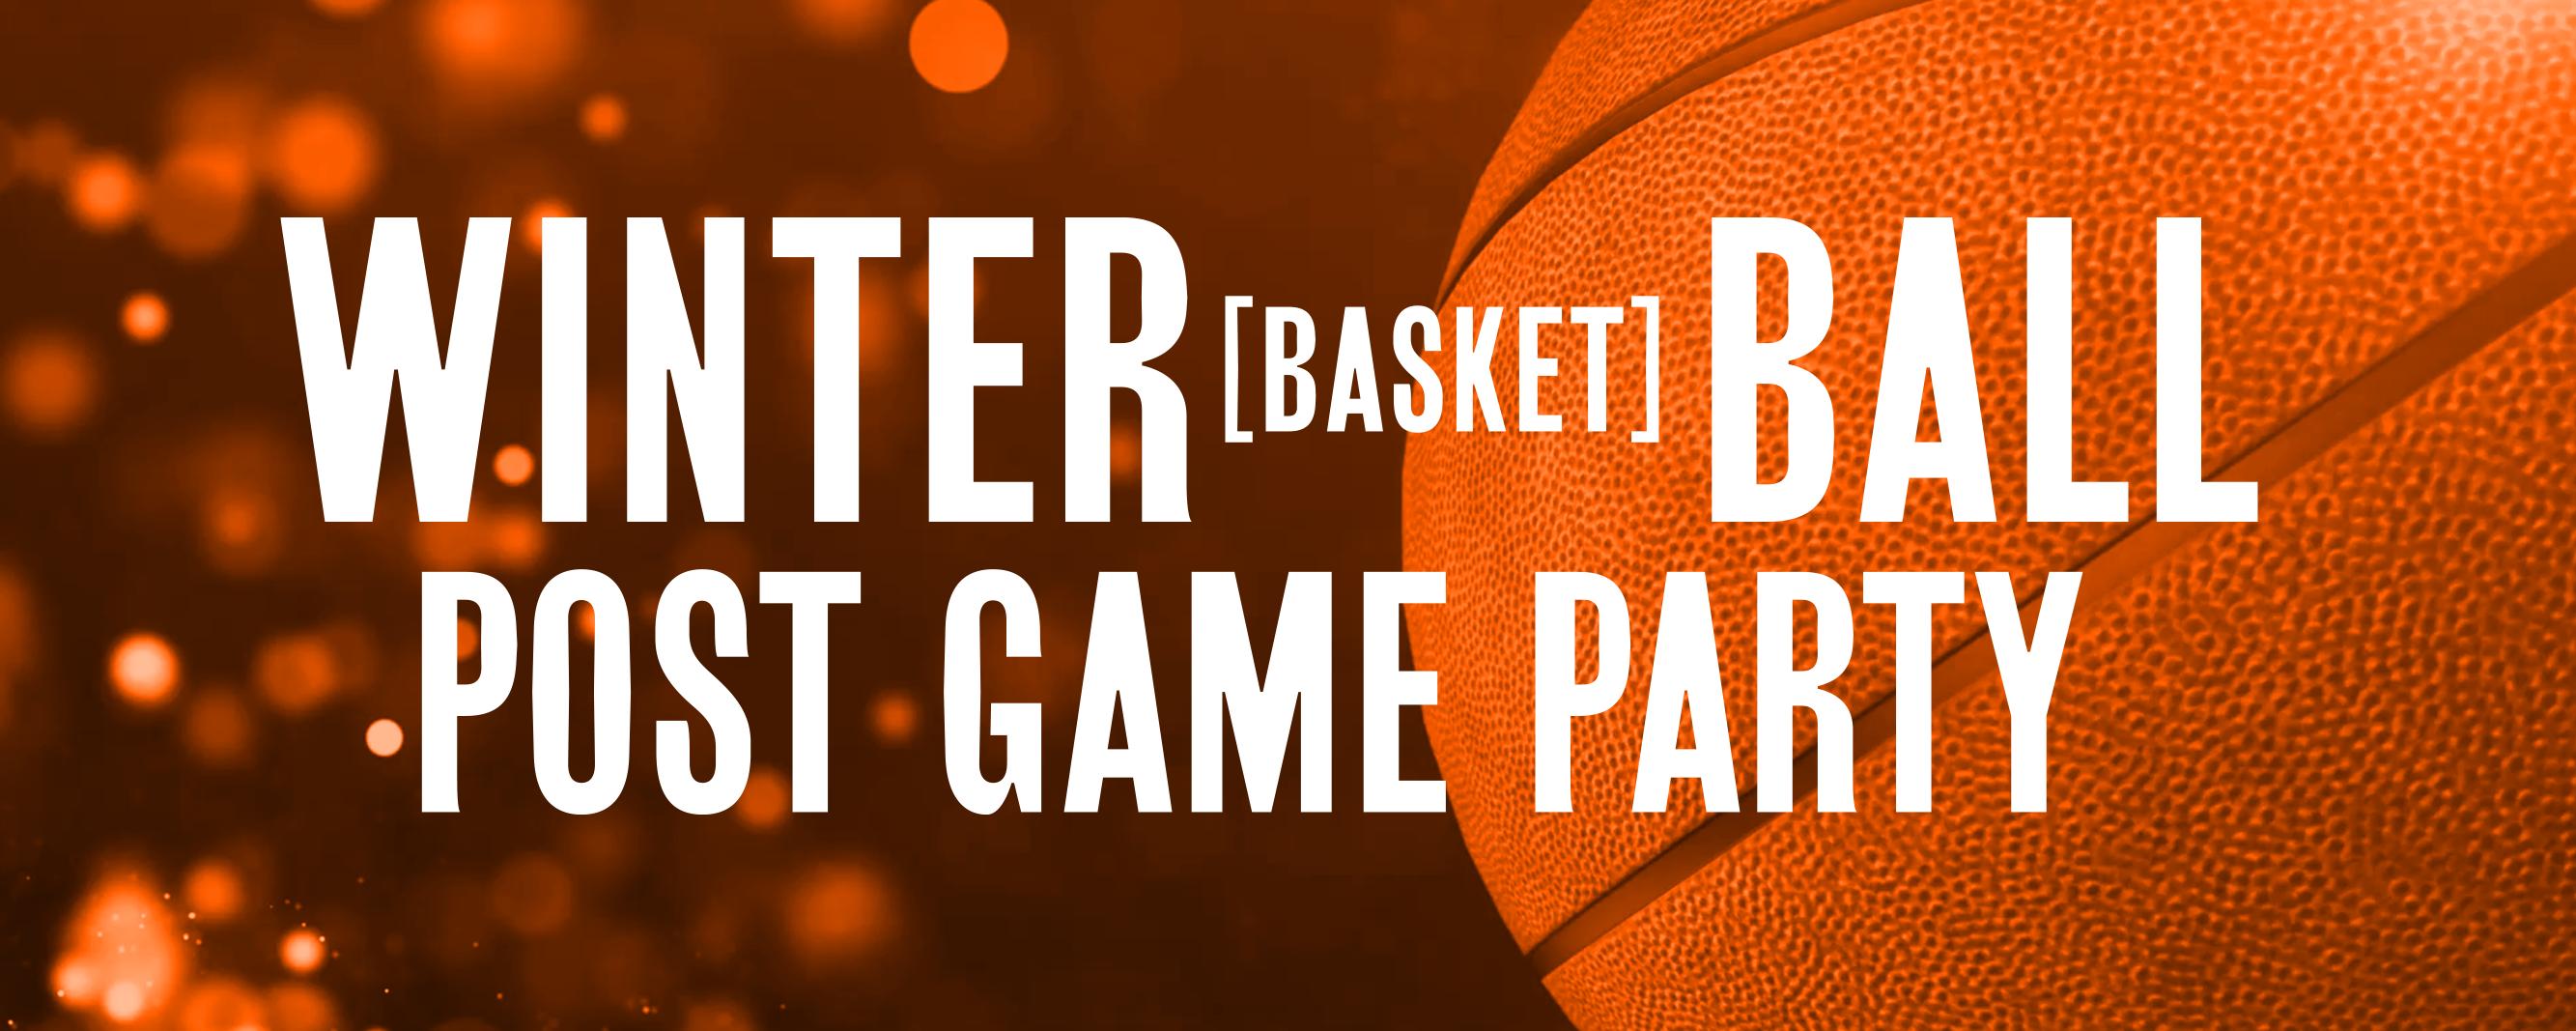 uma imagem de banner para festa de jogo de basquete com cesta de inverno